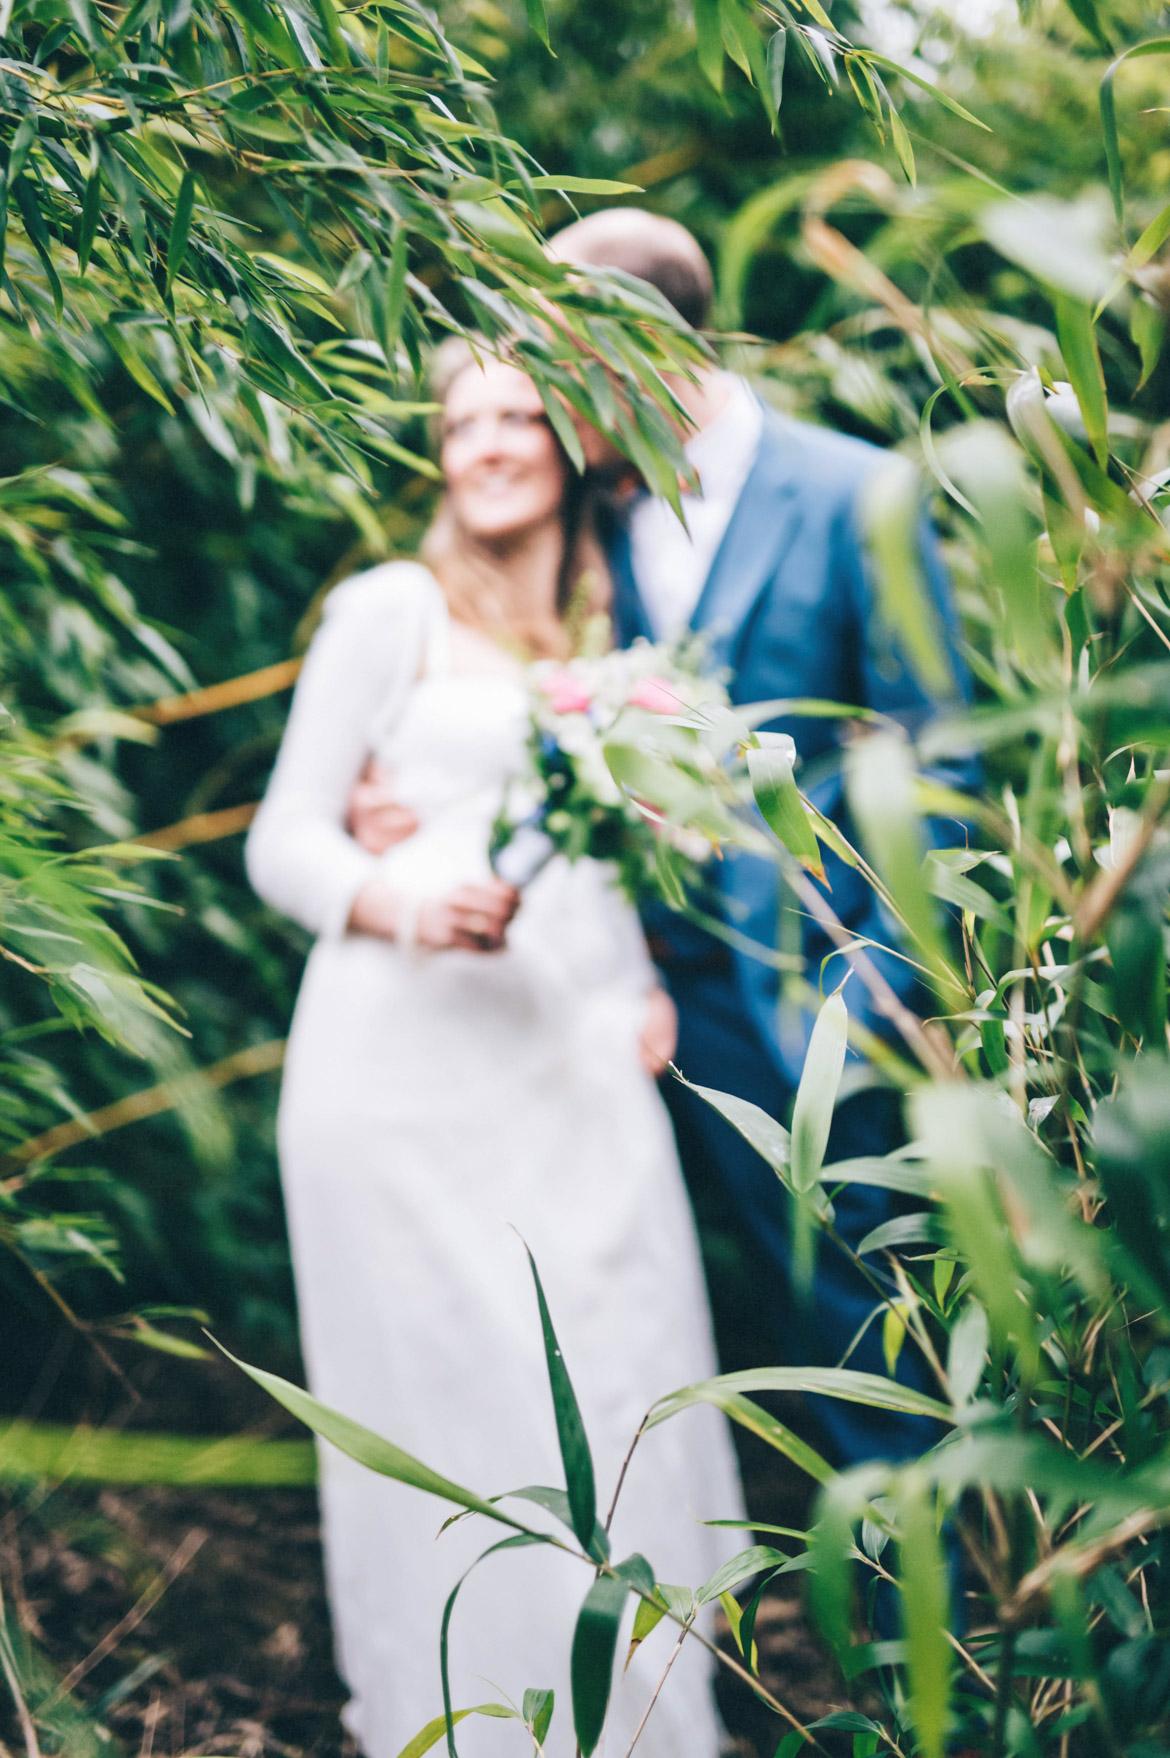 DIY-Hochzeit-koblenz-hoch-14 Tina & Miro DIY Wedding Cafe KostbarDIY Hochzeit koblenz hoch 14